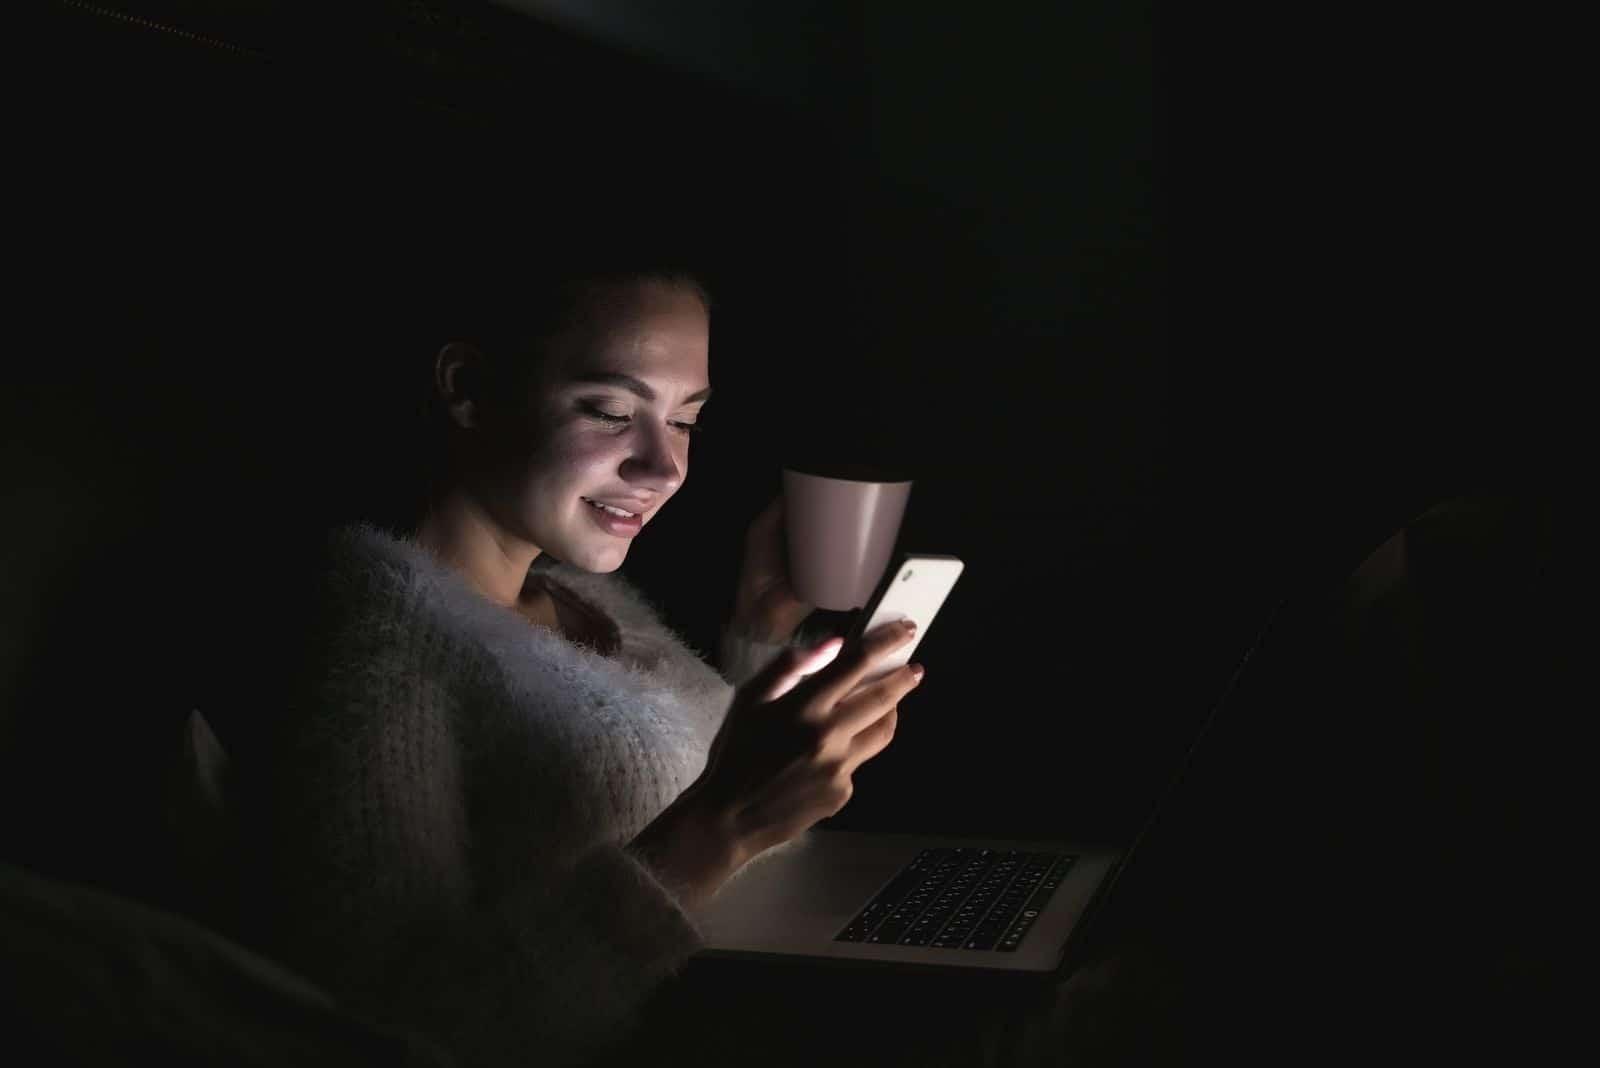 süßes junges Mädchen Nachts im Bett sitzen, mit Laptop, Tee trinken und aufs Telefon schauen, lächeln